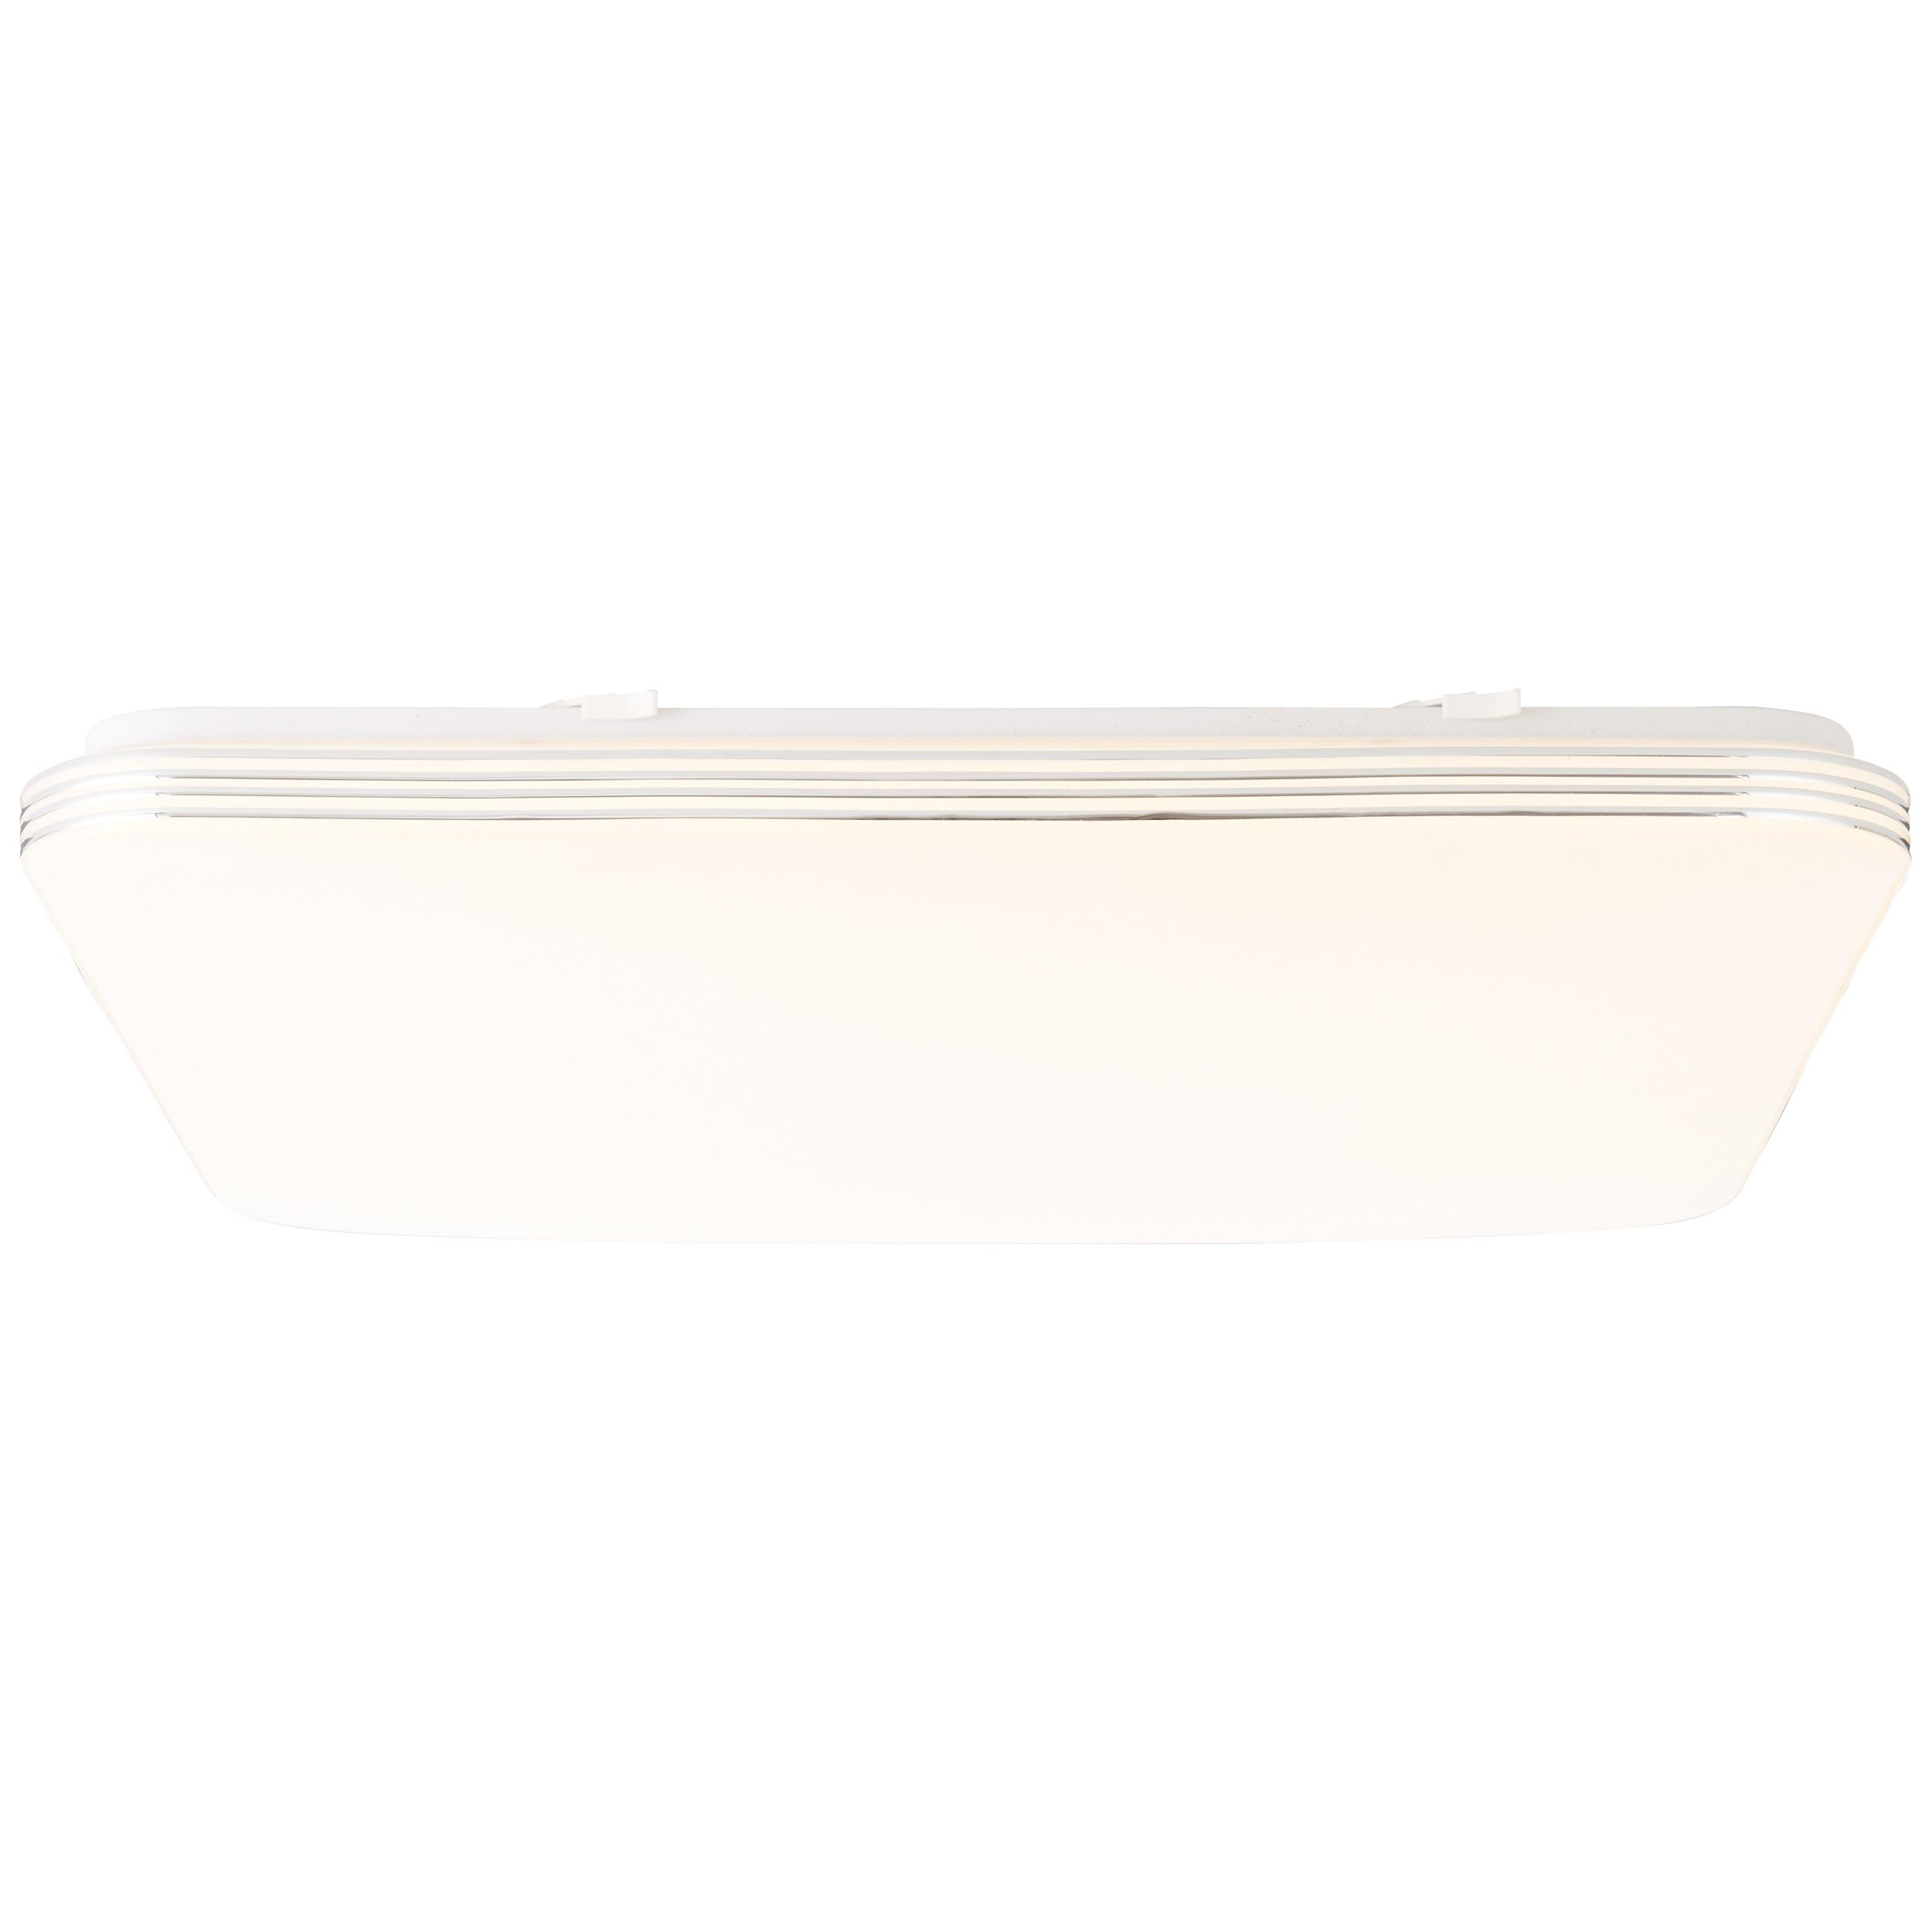 Brilliant Leuchten Ariella LED Wand- und Deckenleuchte 54x54cm weiß/chrom